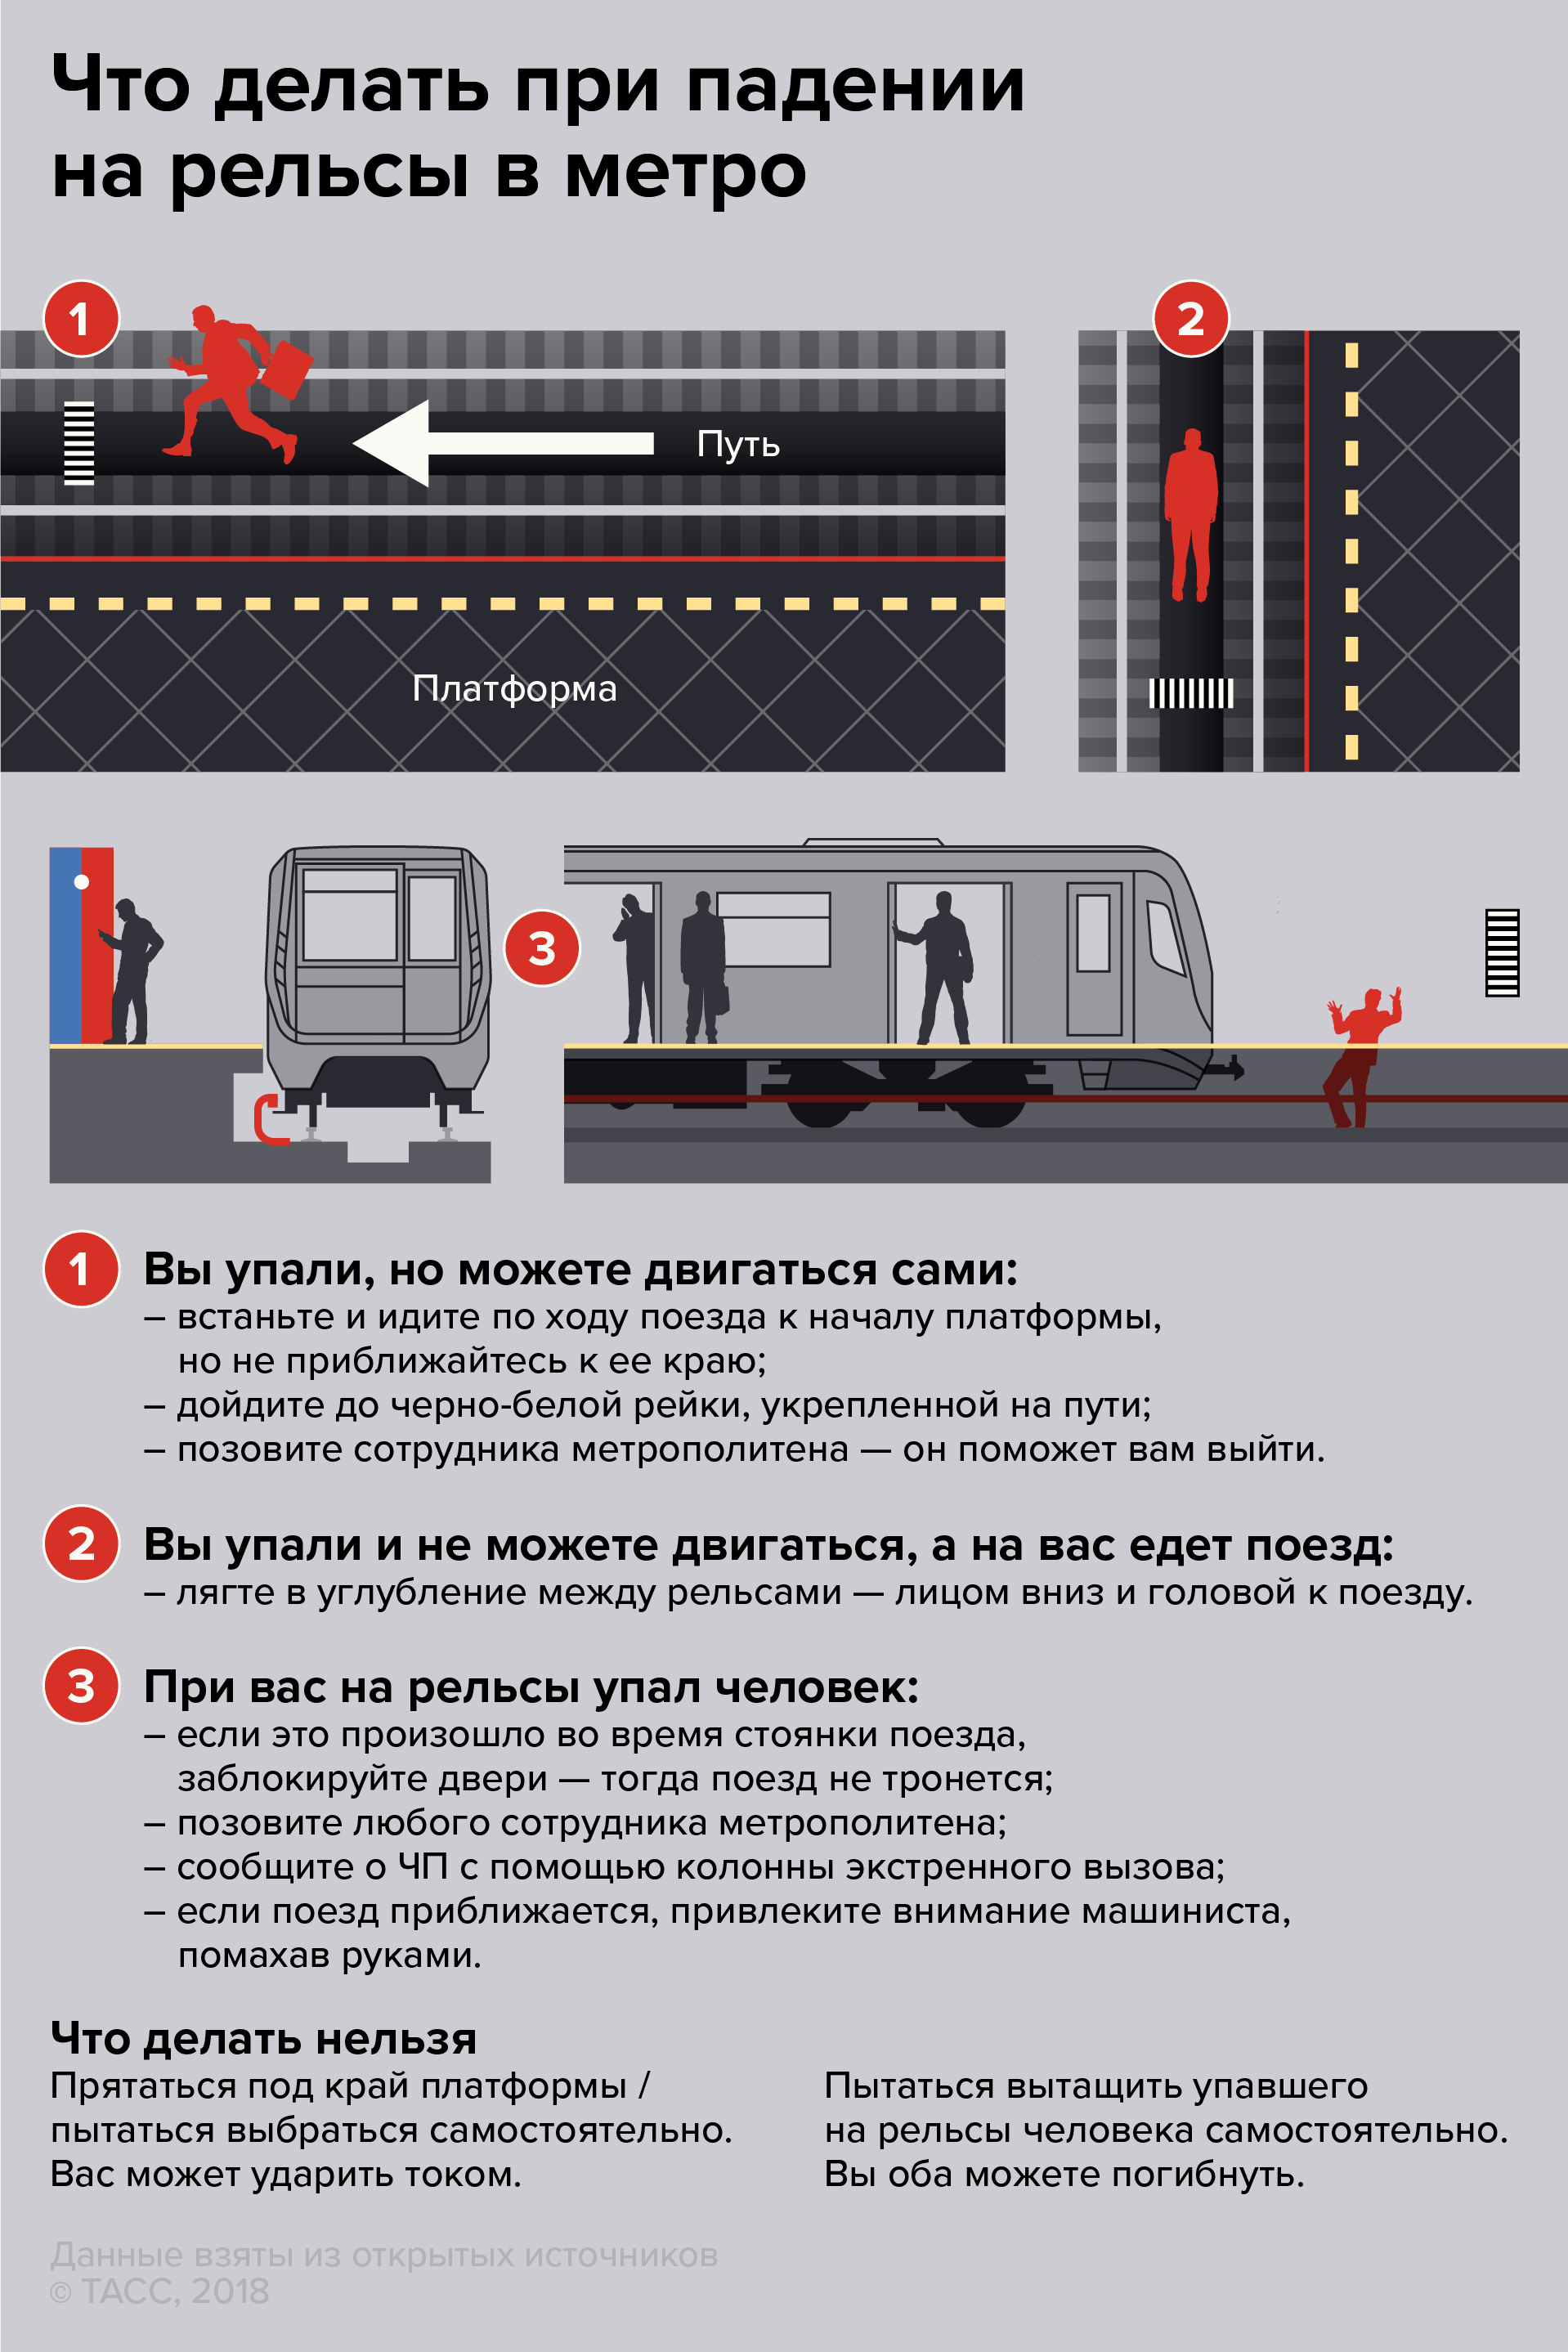 Что делать при падении на рельсы в метро